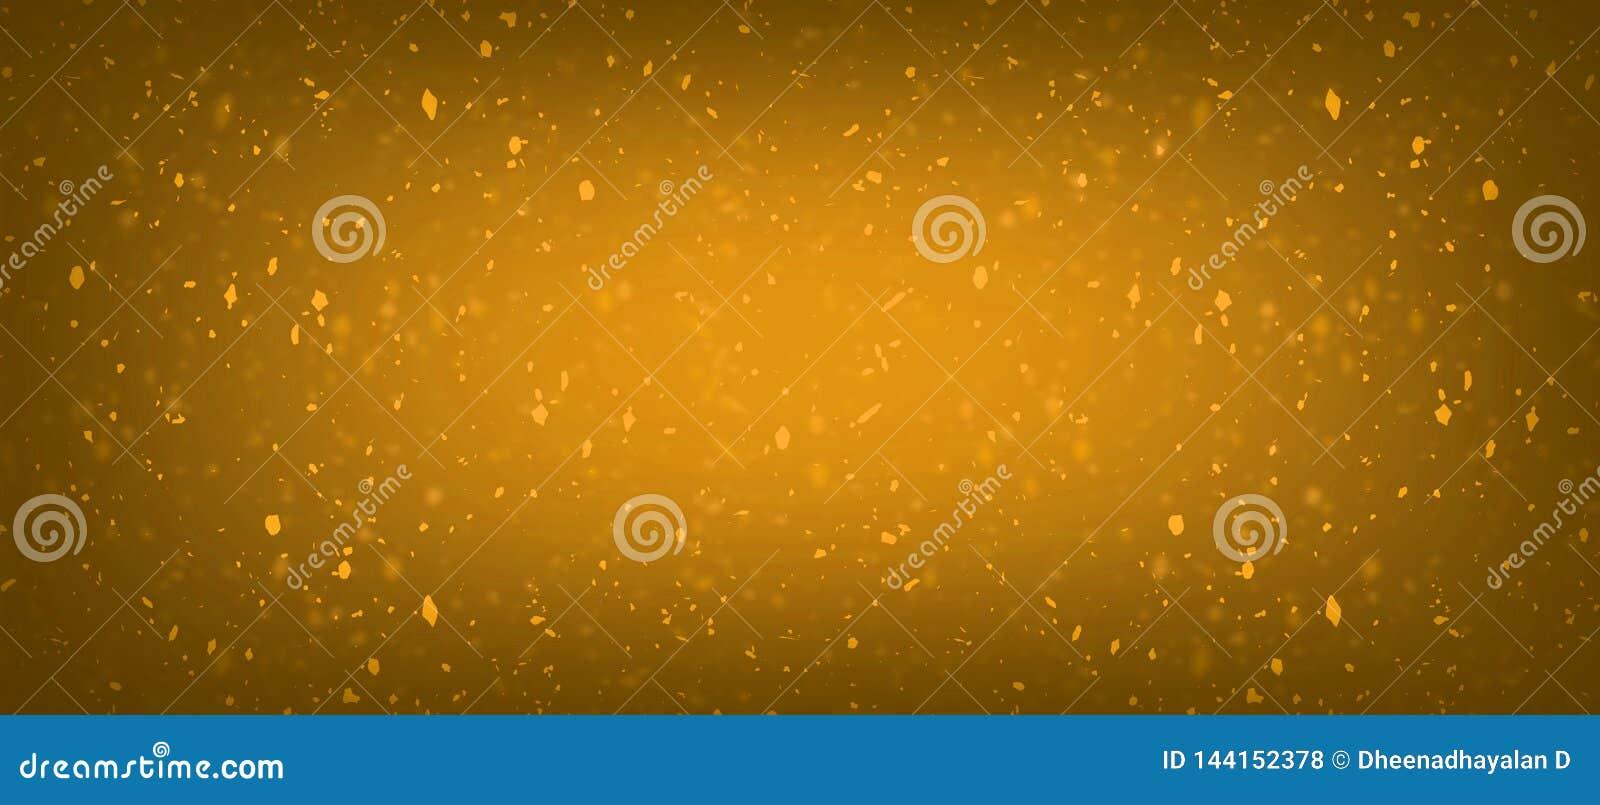 Bl?nker orange suddighet f?r abstrakt honung f?r bokehf?rgst?nk f?r konfettier guld- ljus med bakgrund f?r gnistrandedammsammans?